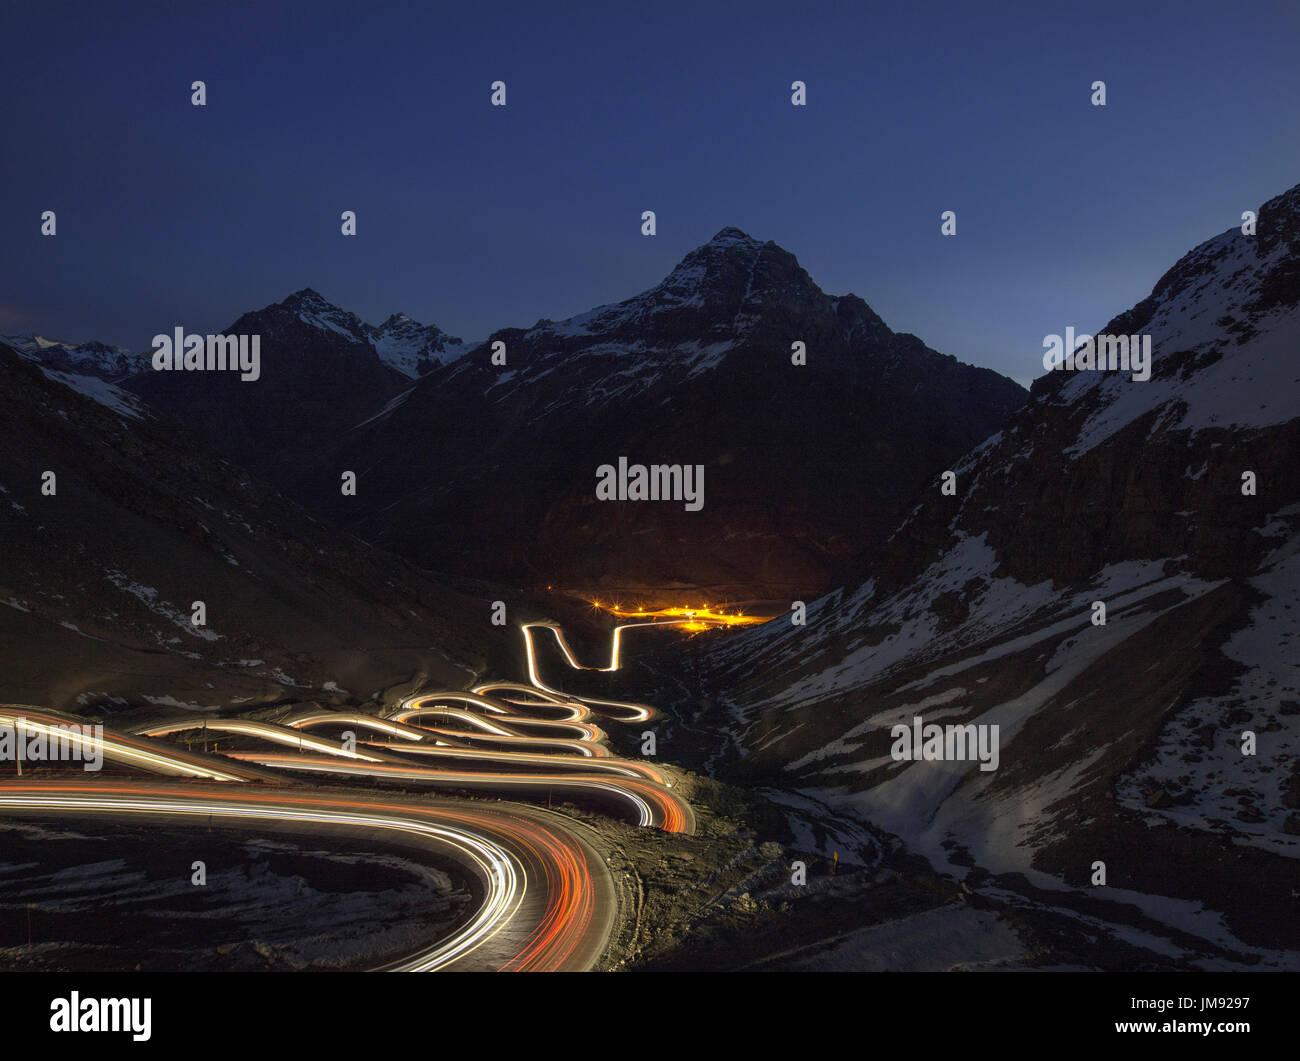 Veicolo sentieri di luce sulla Cuesta Caracoles Los Andes, la strada per la localita' sciistica di Portillo e il confine Argentino: una delle strade più pericolose in Foto Stock